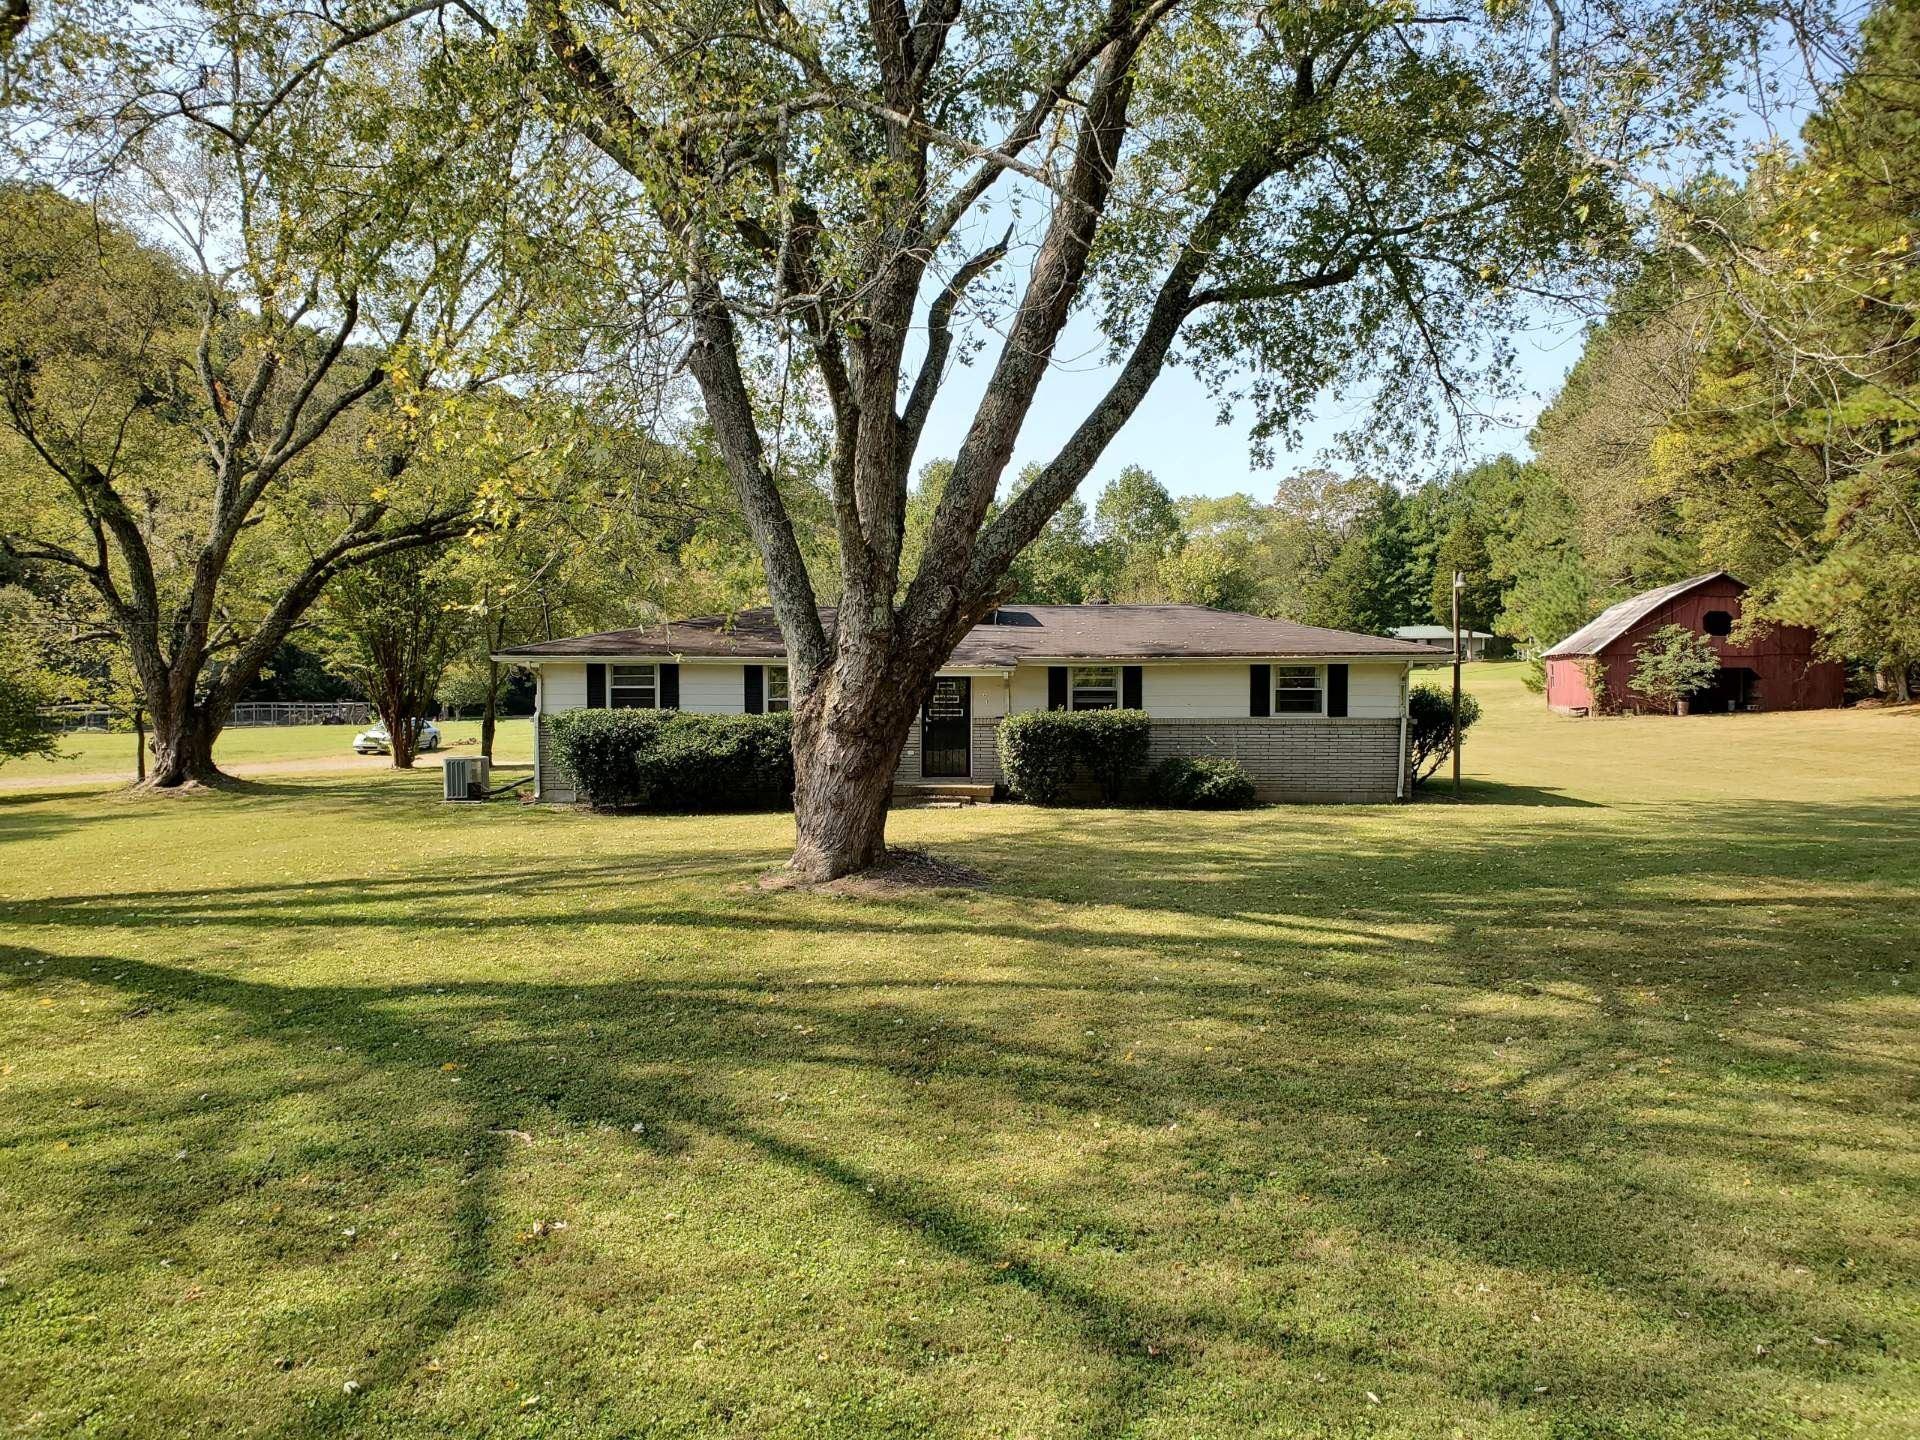 2545 Tinnin Rd, Goodlettsville, TN 37072 - MLS#: 2196177